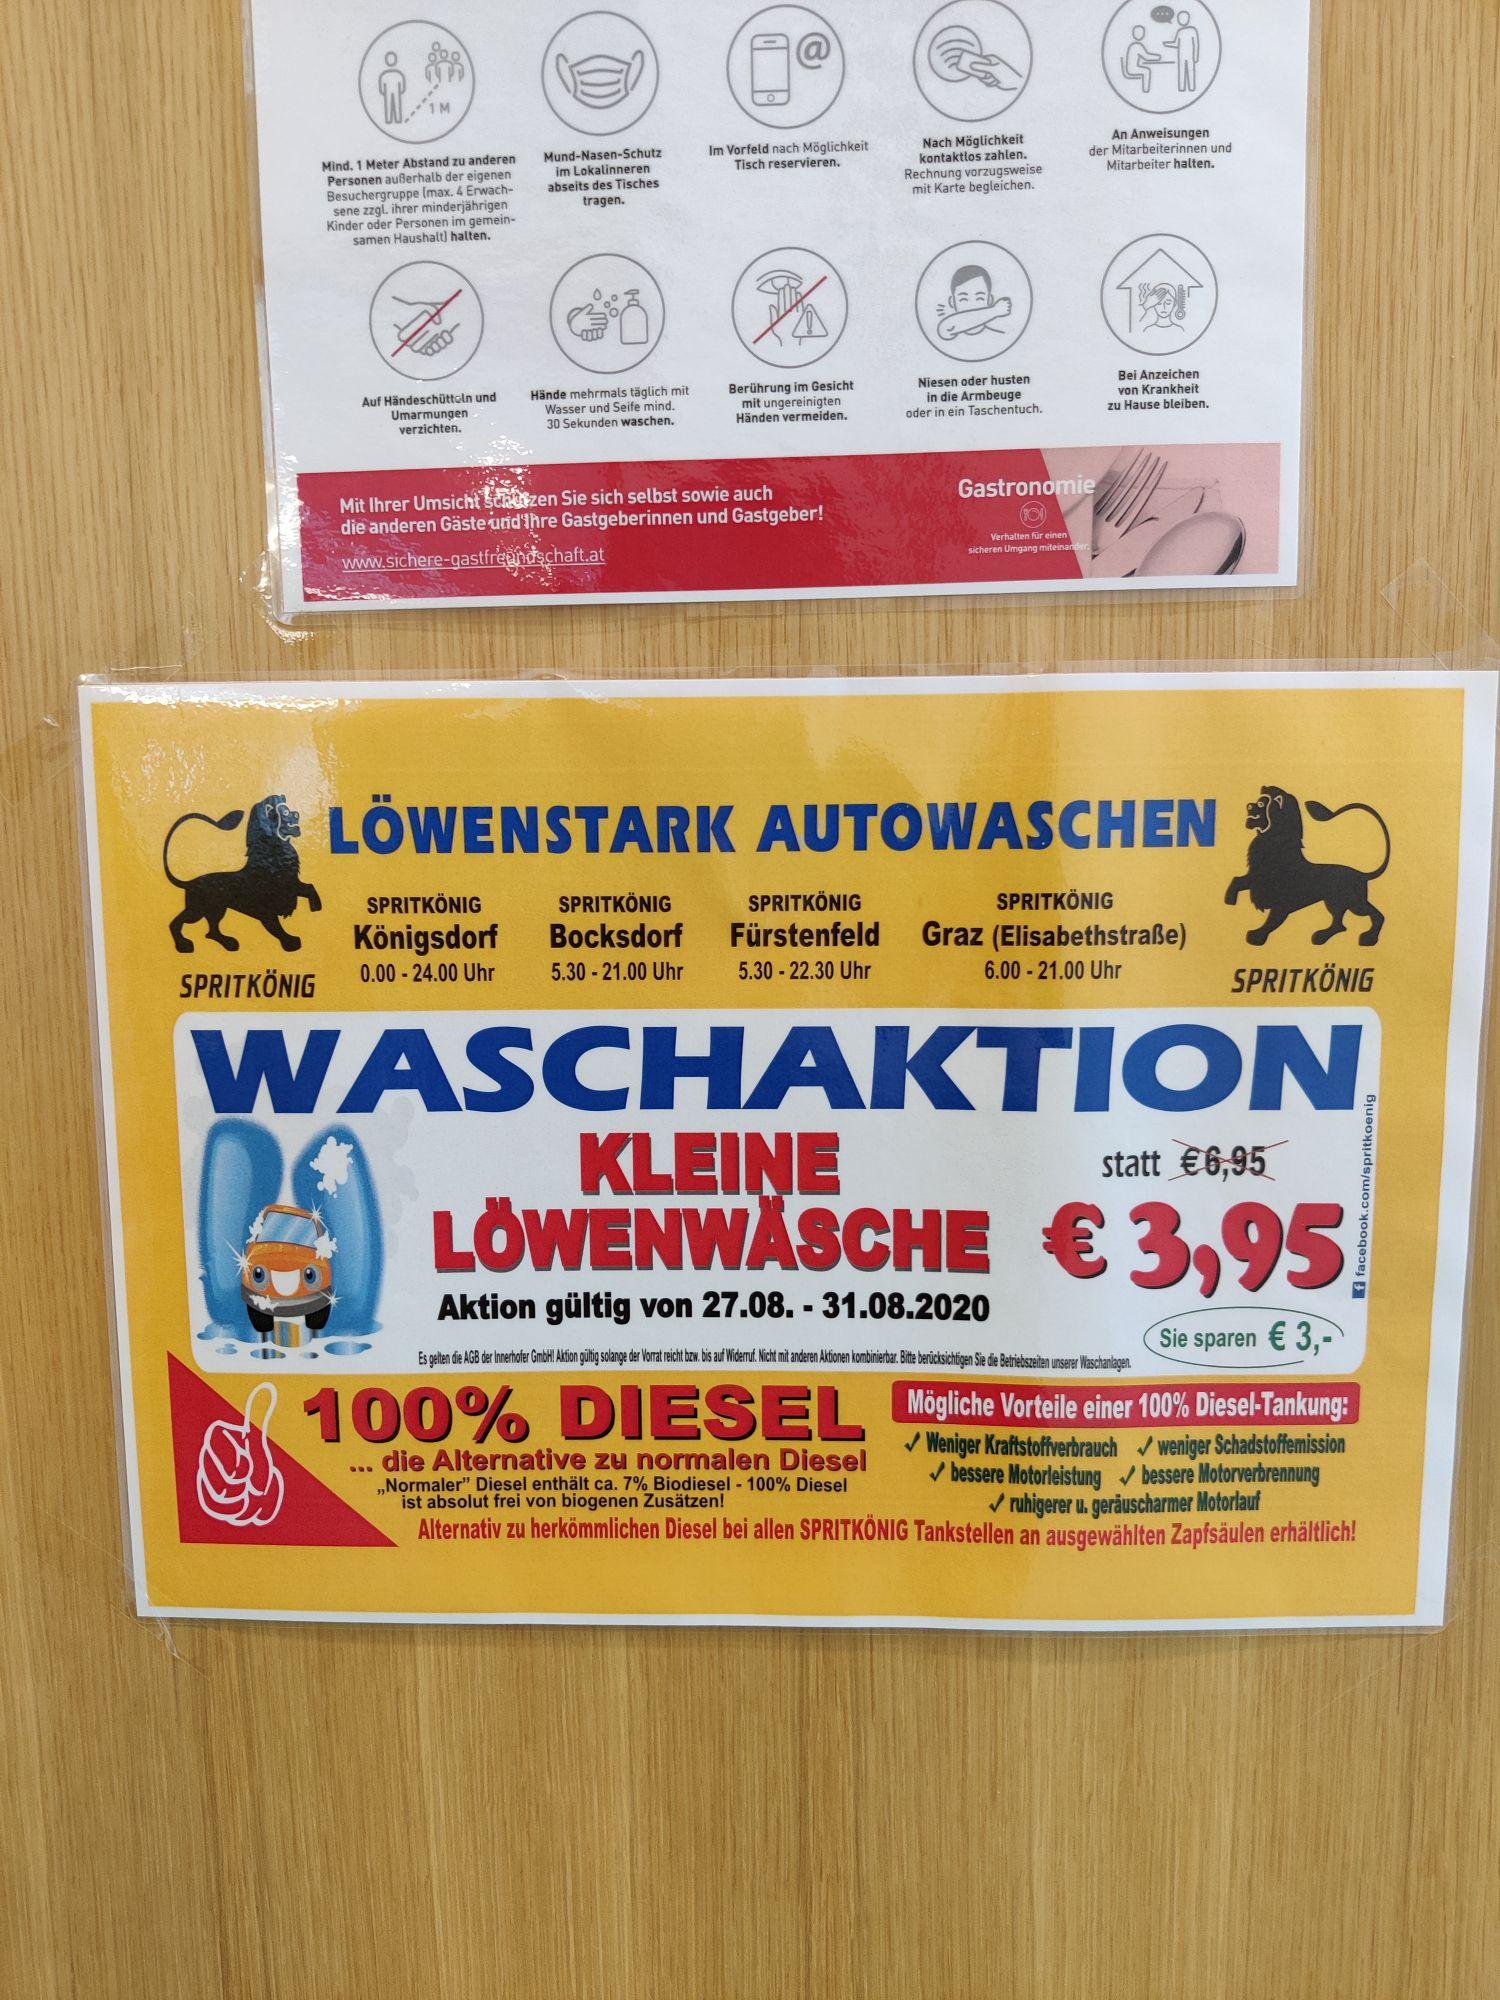 Günstigste Autowäsche in Graz, Bocksdorf, Fürstenfeld und Königsdorf